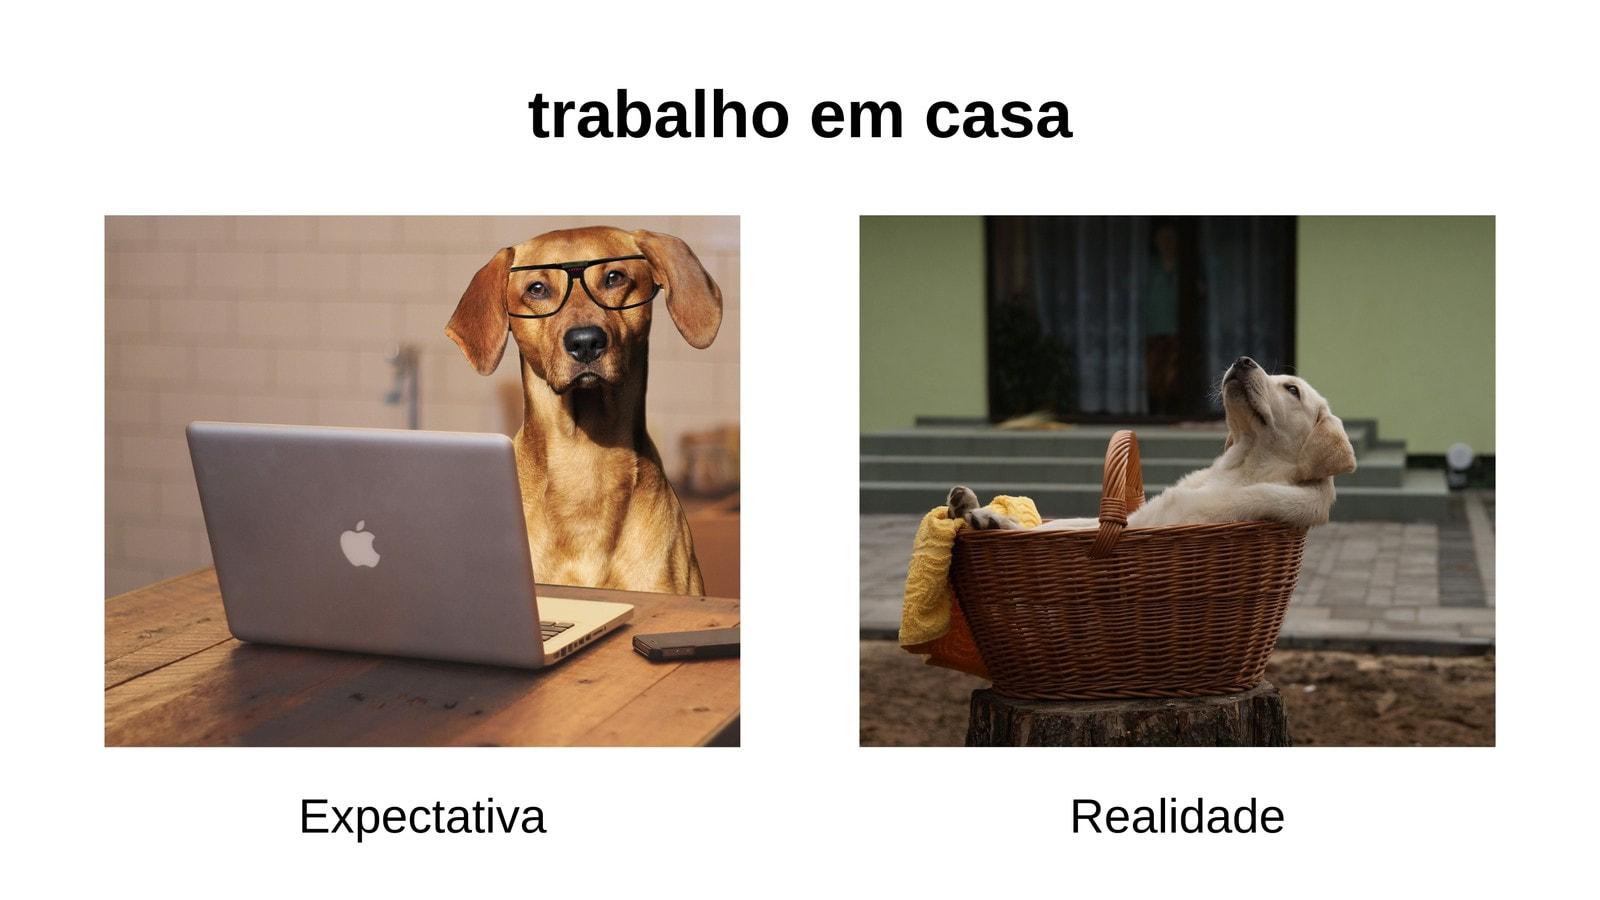 Branco Cachorro Trabalho em Casa Expectativa Vs. Realidade Paisagem Animal Meme